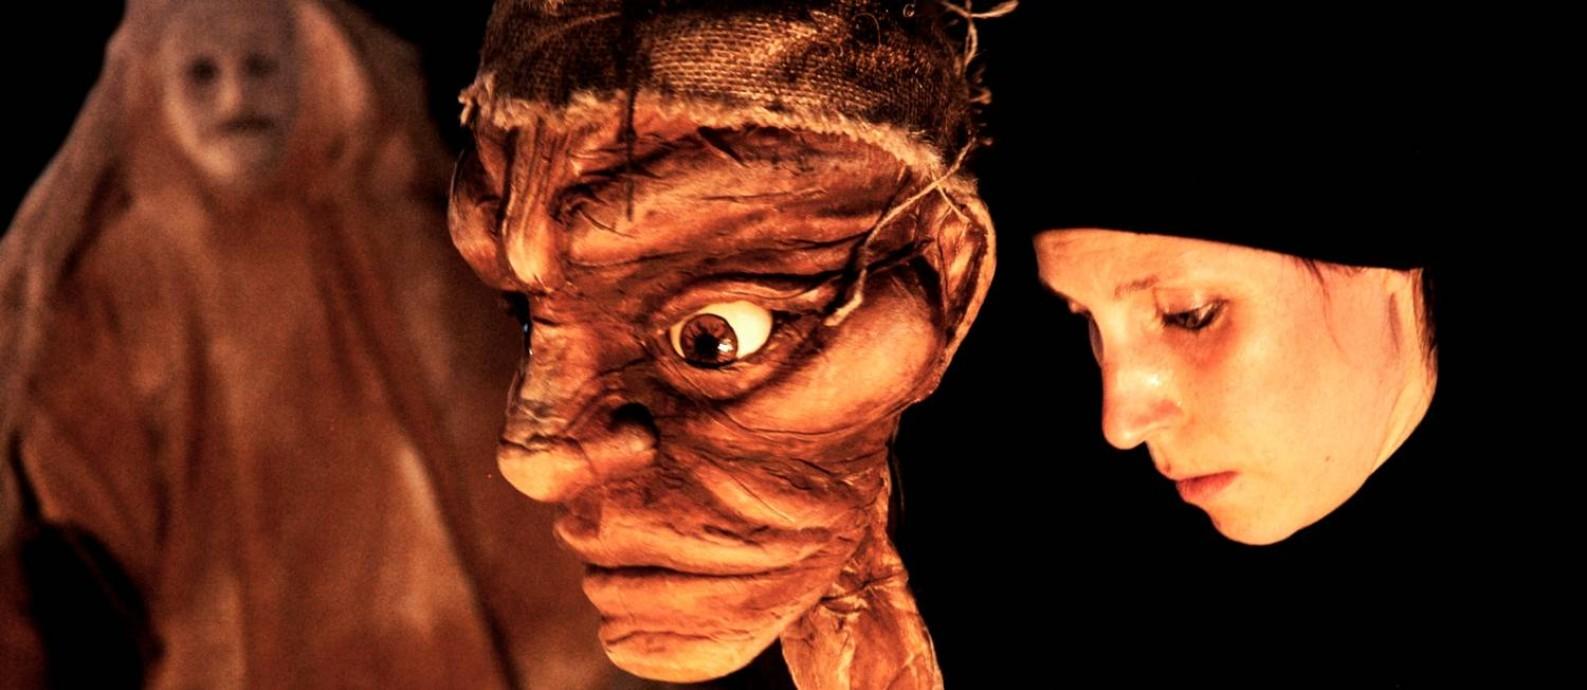 Cia. Caravan Maschera reconta história de Graciliano Ramos com máscaras e bonecos Foto: Divulgação / Tamyris Zago